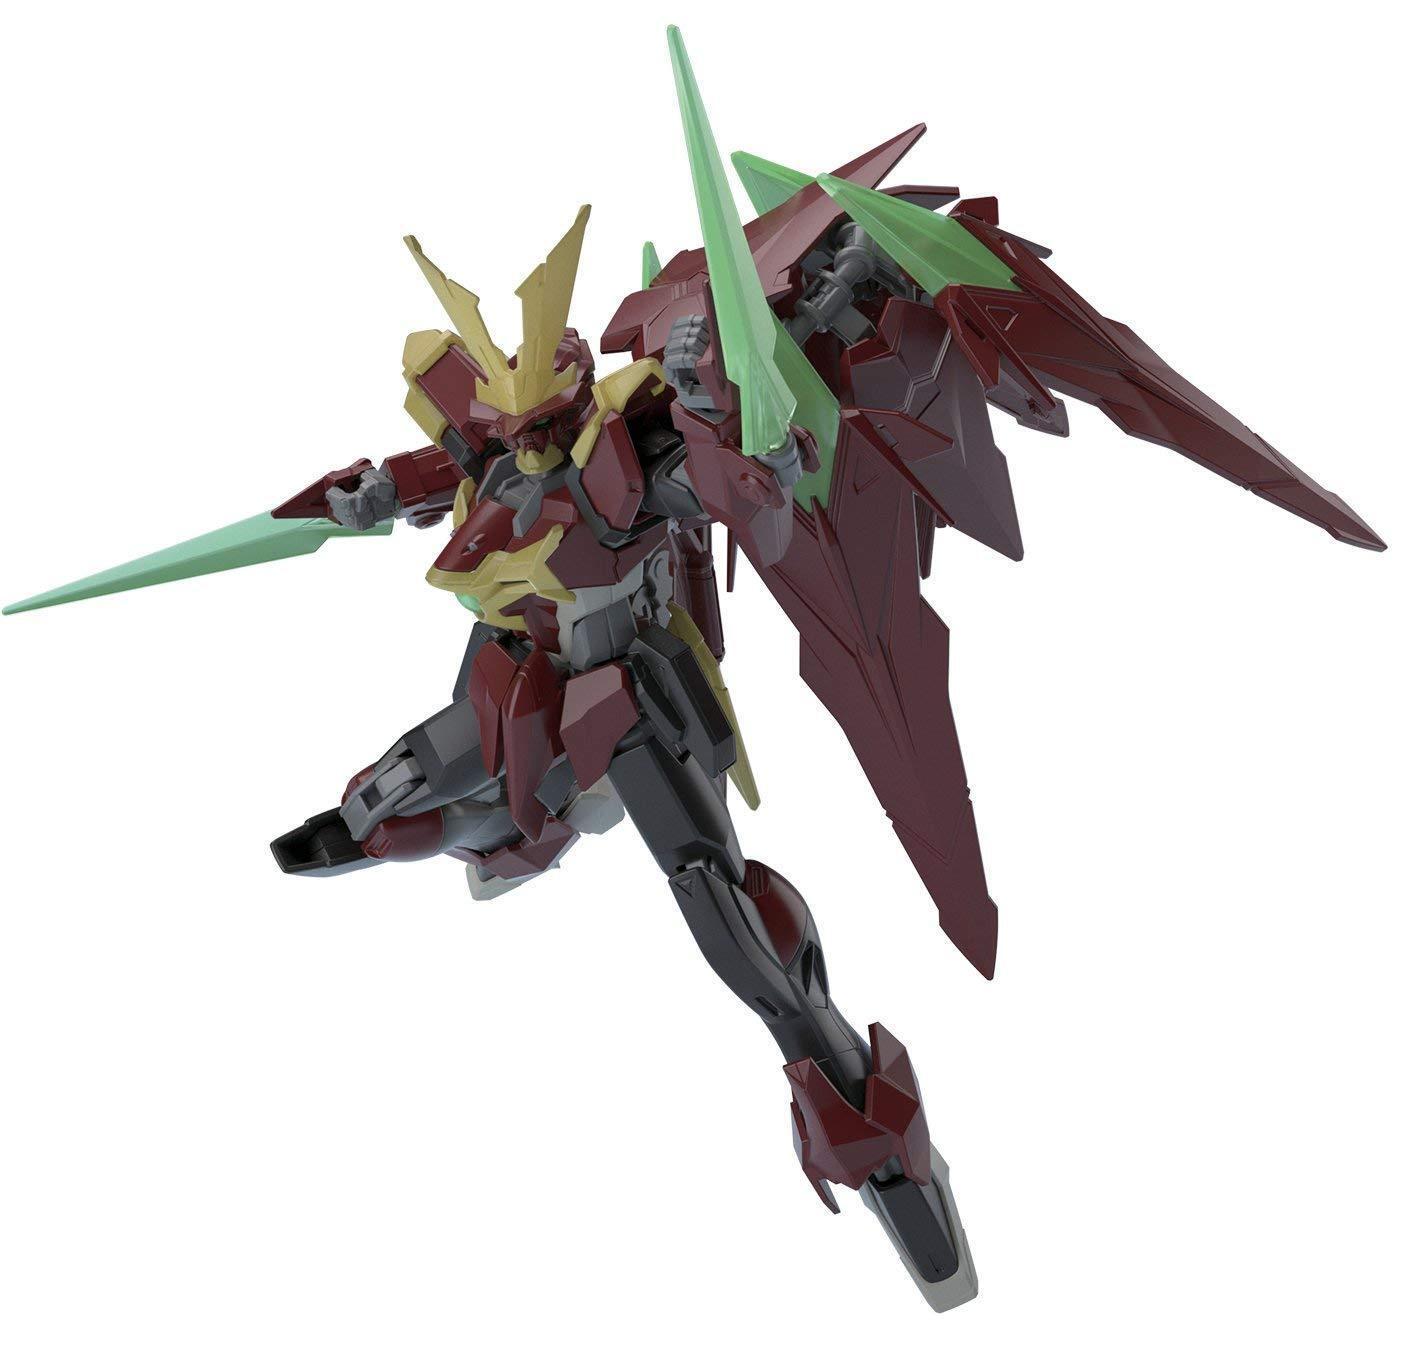 Bandai Hobby HGBF 1  144 NinPuls Gundam Bygg Fighters modellllerler Kit Figur